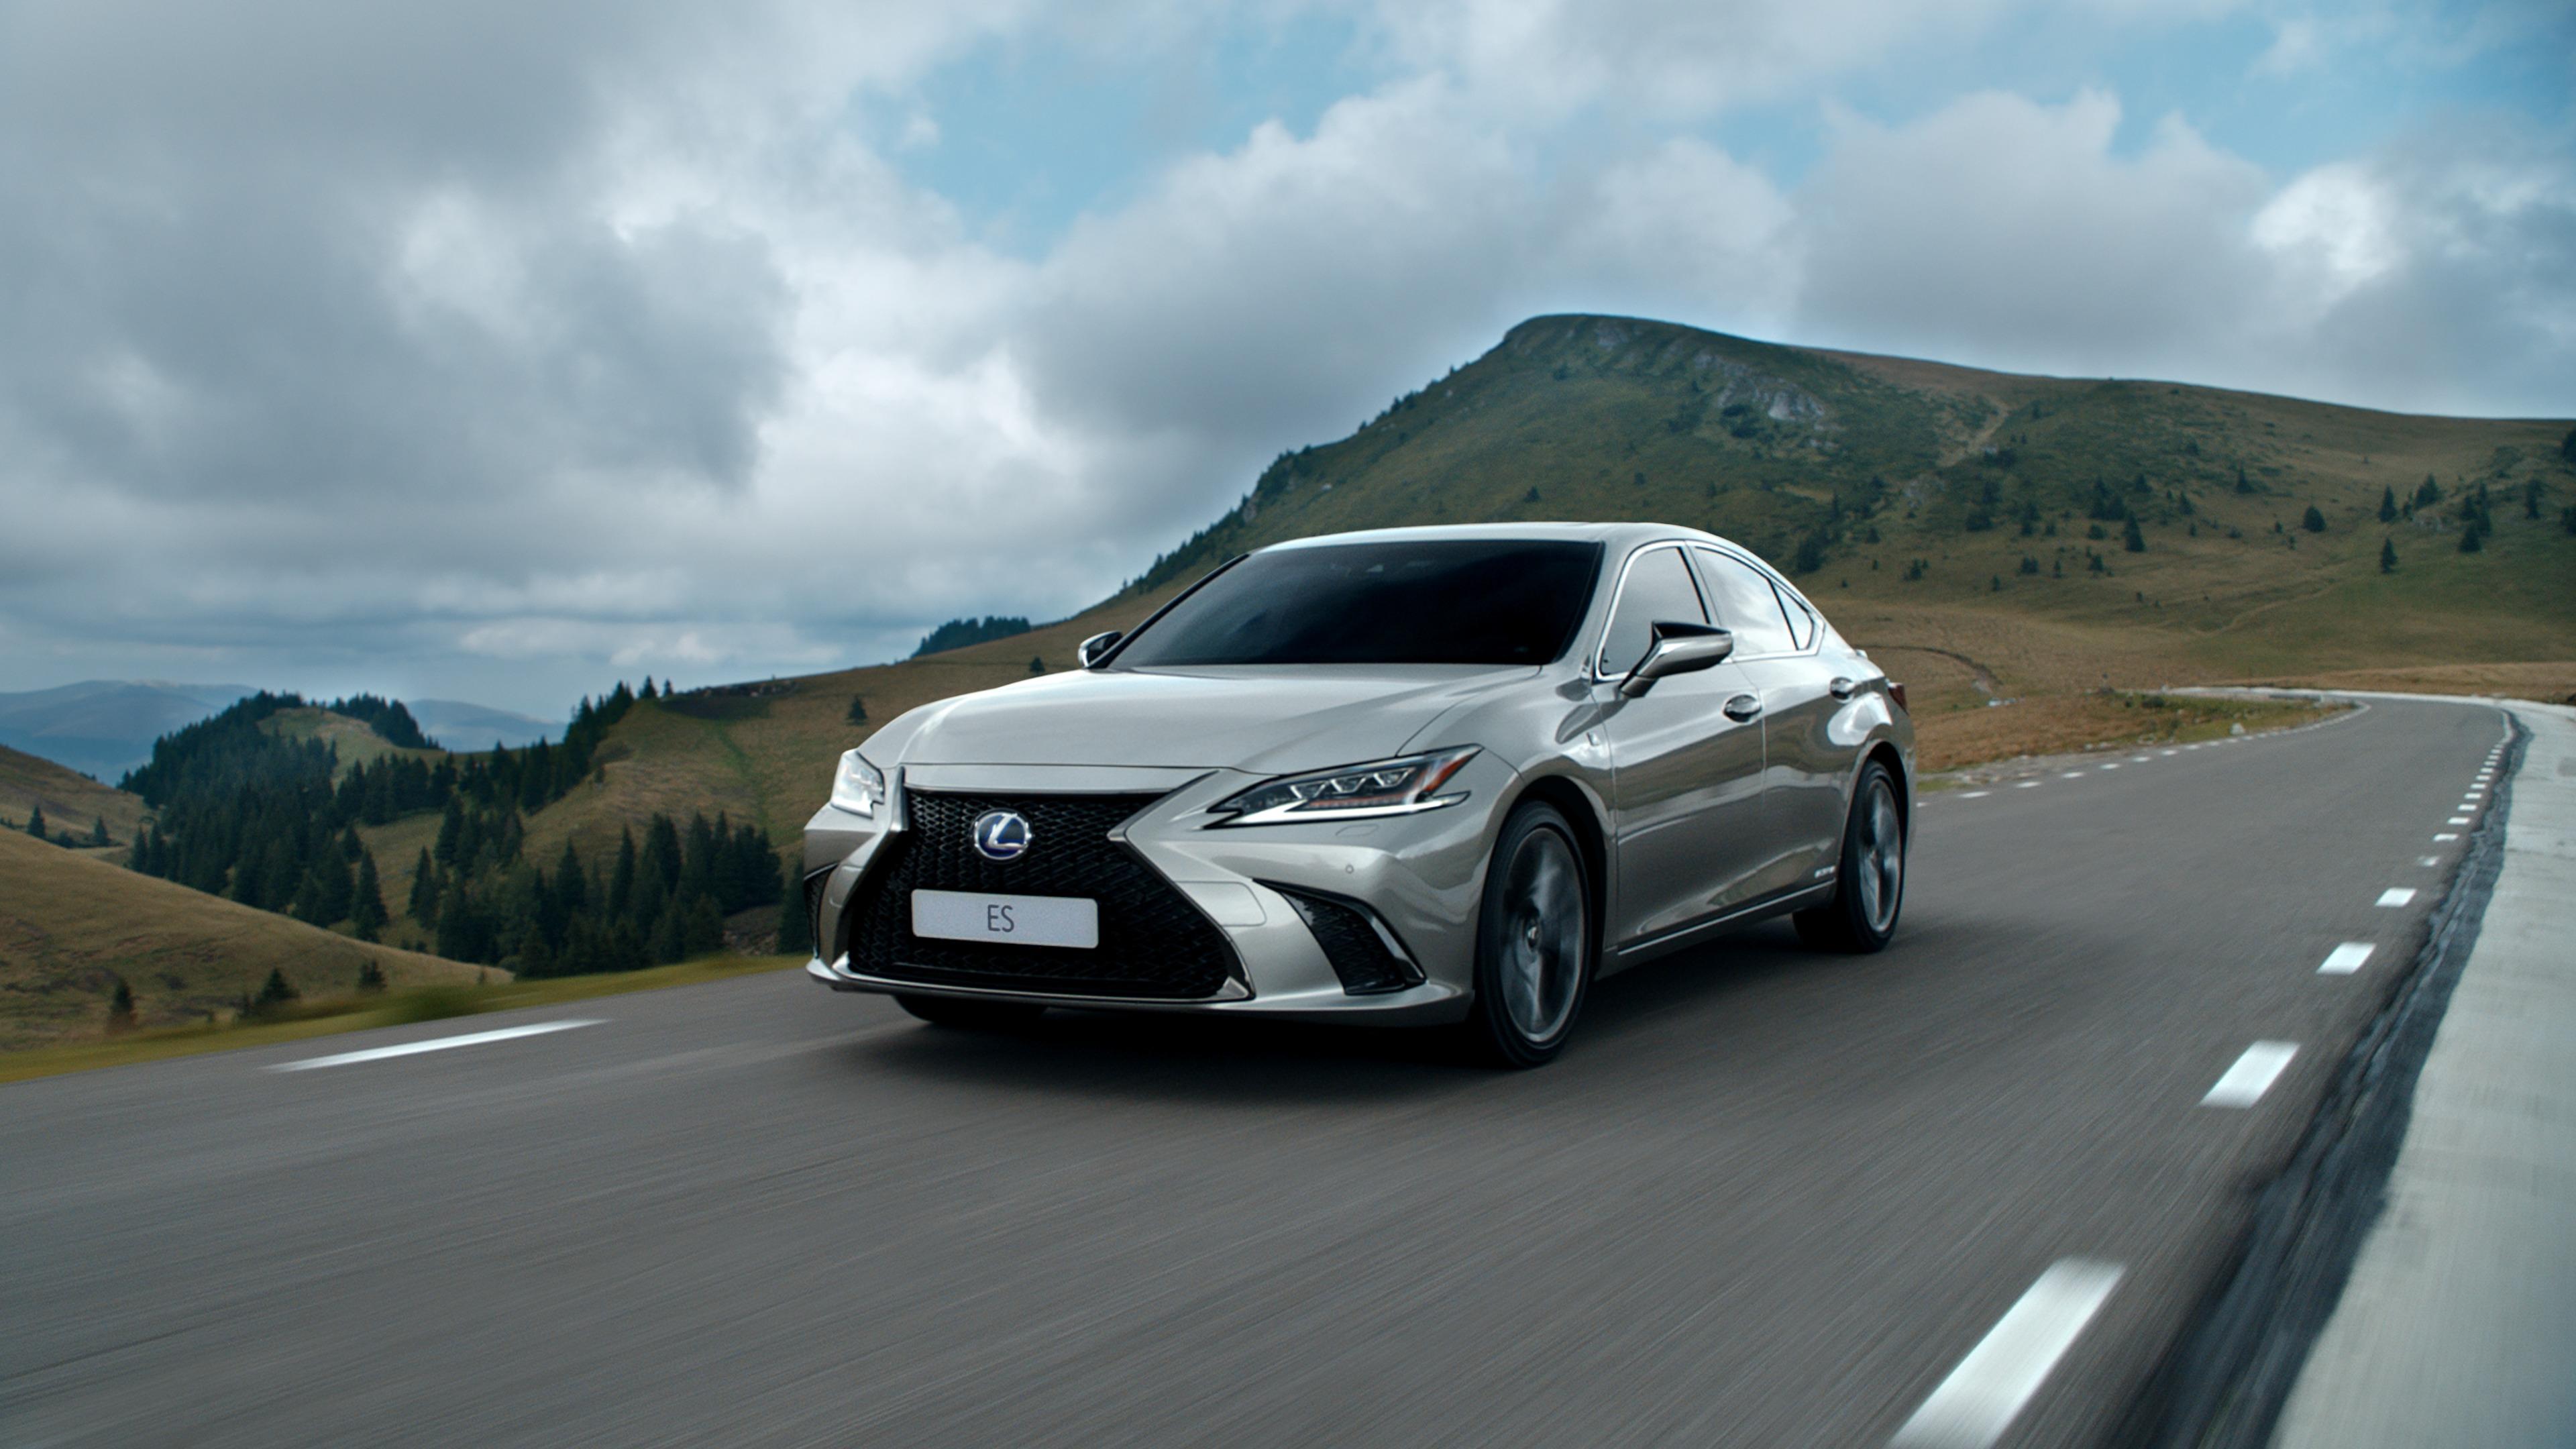 Consumo de combustivel real do Lexus ES hibrido confirmado em Ecotest ADAC